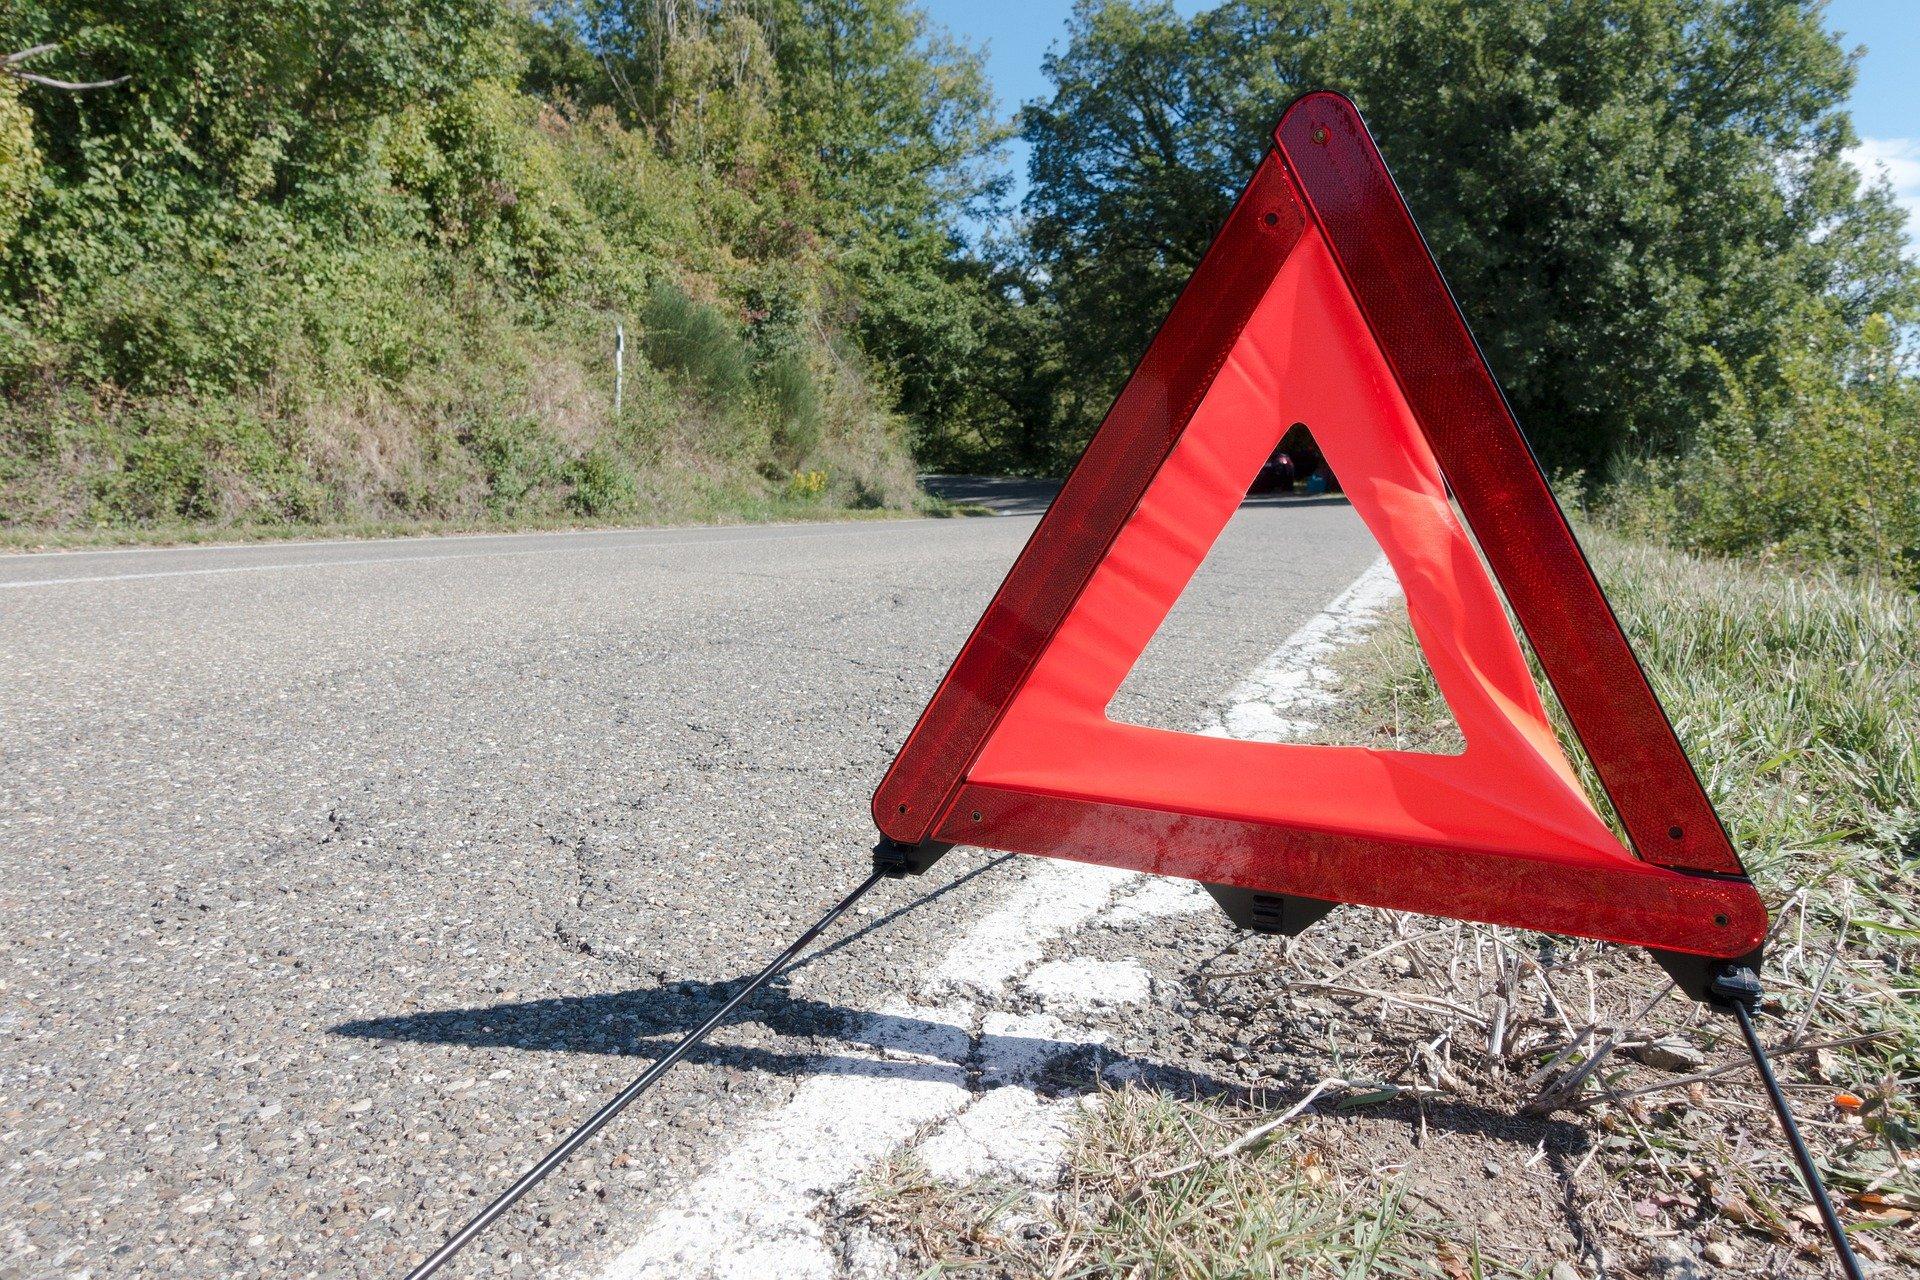 trojkat ostrzegawczy - awaria samochodu